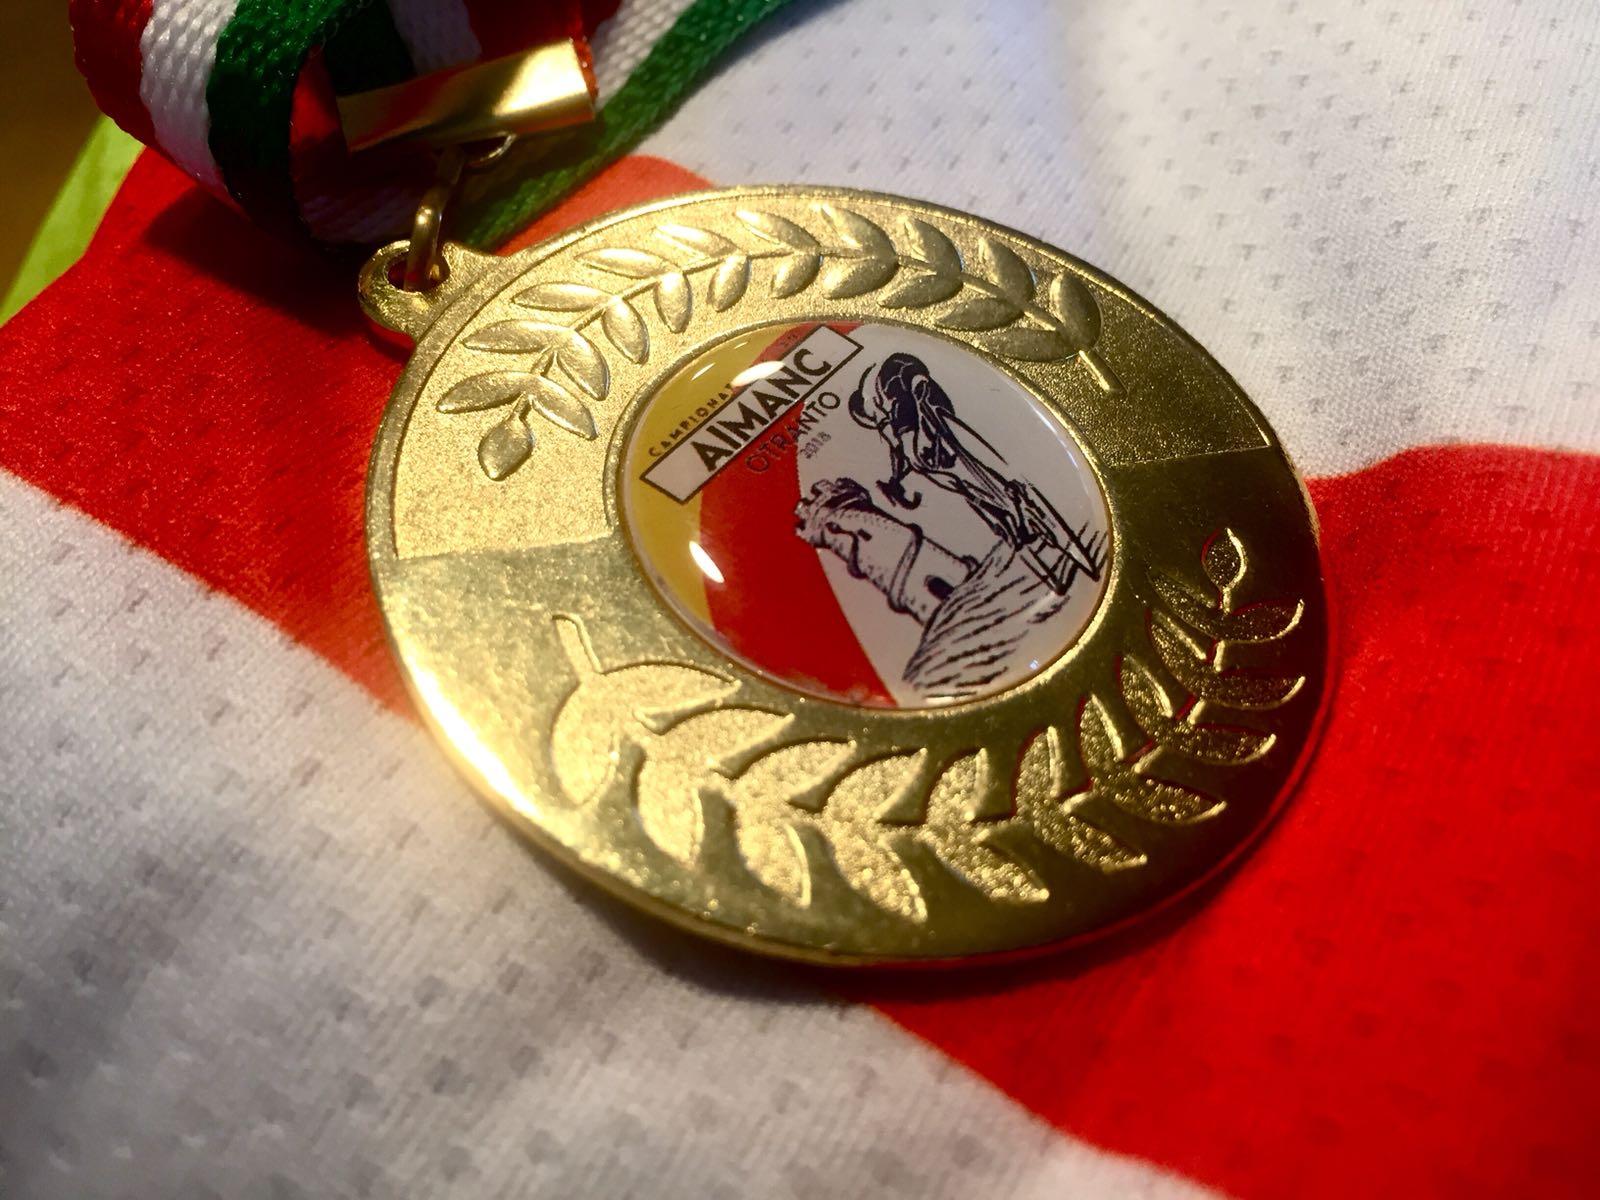 Medaglia Aimanc - Vincenzo Donativi Campione italiano Aimanc 2018